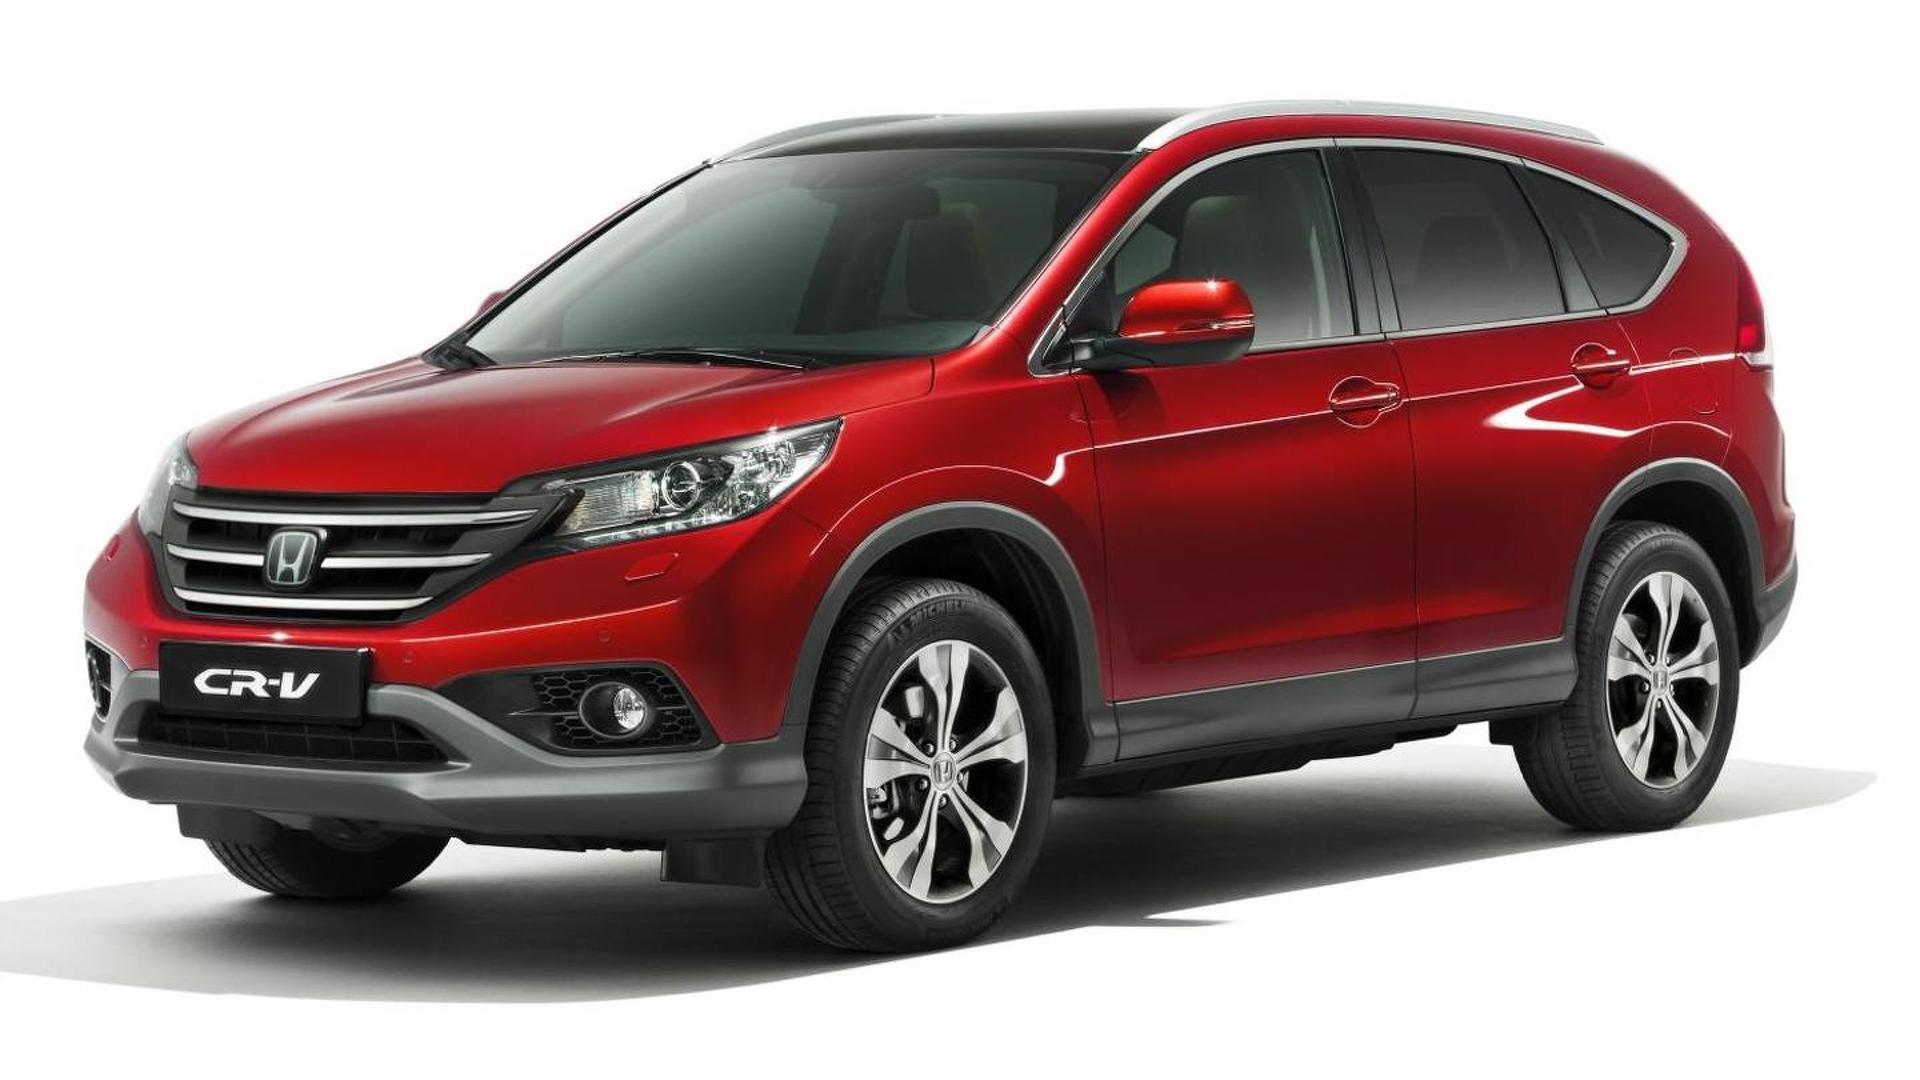 New 2013 Honda CR-V unveiled